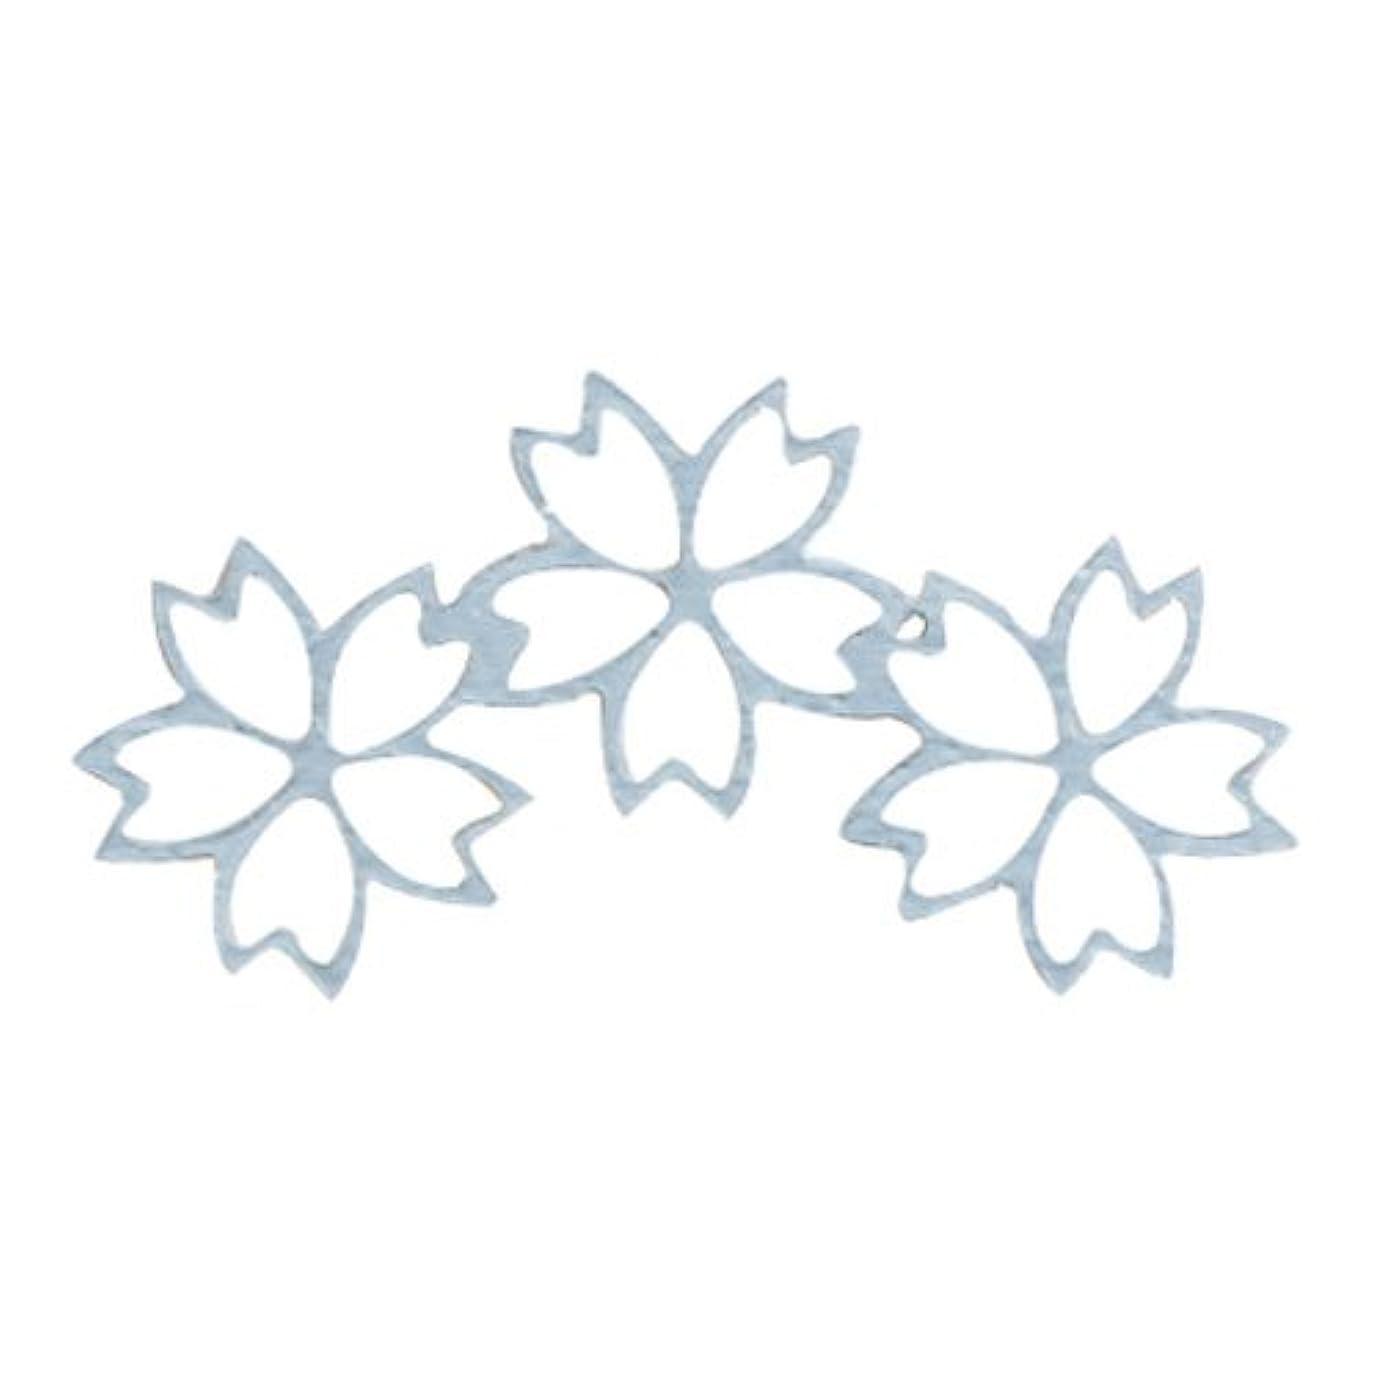 マントル俳優ピストルリトルプリティー ネイルアートパーツ チェリーブロッサム3連スカシ シルバー 10個